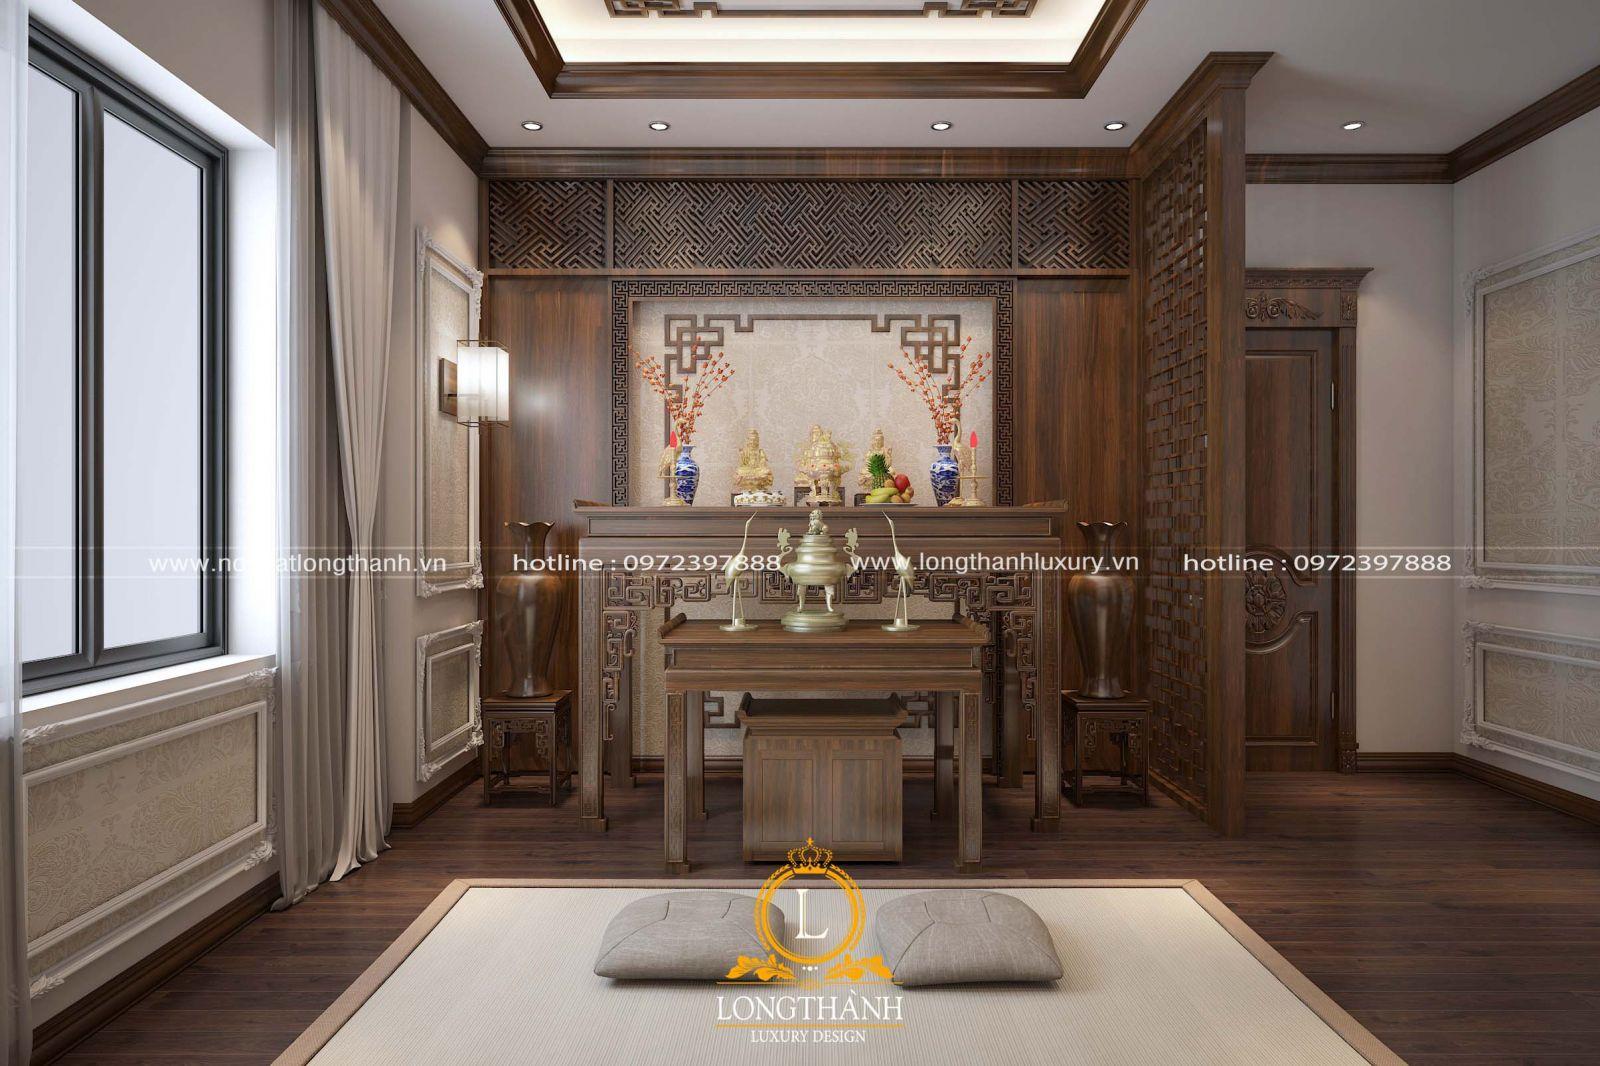 Thiết kế nội thất phòng thờ đơn giản cho nhà chung cư